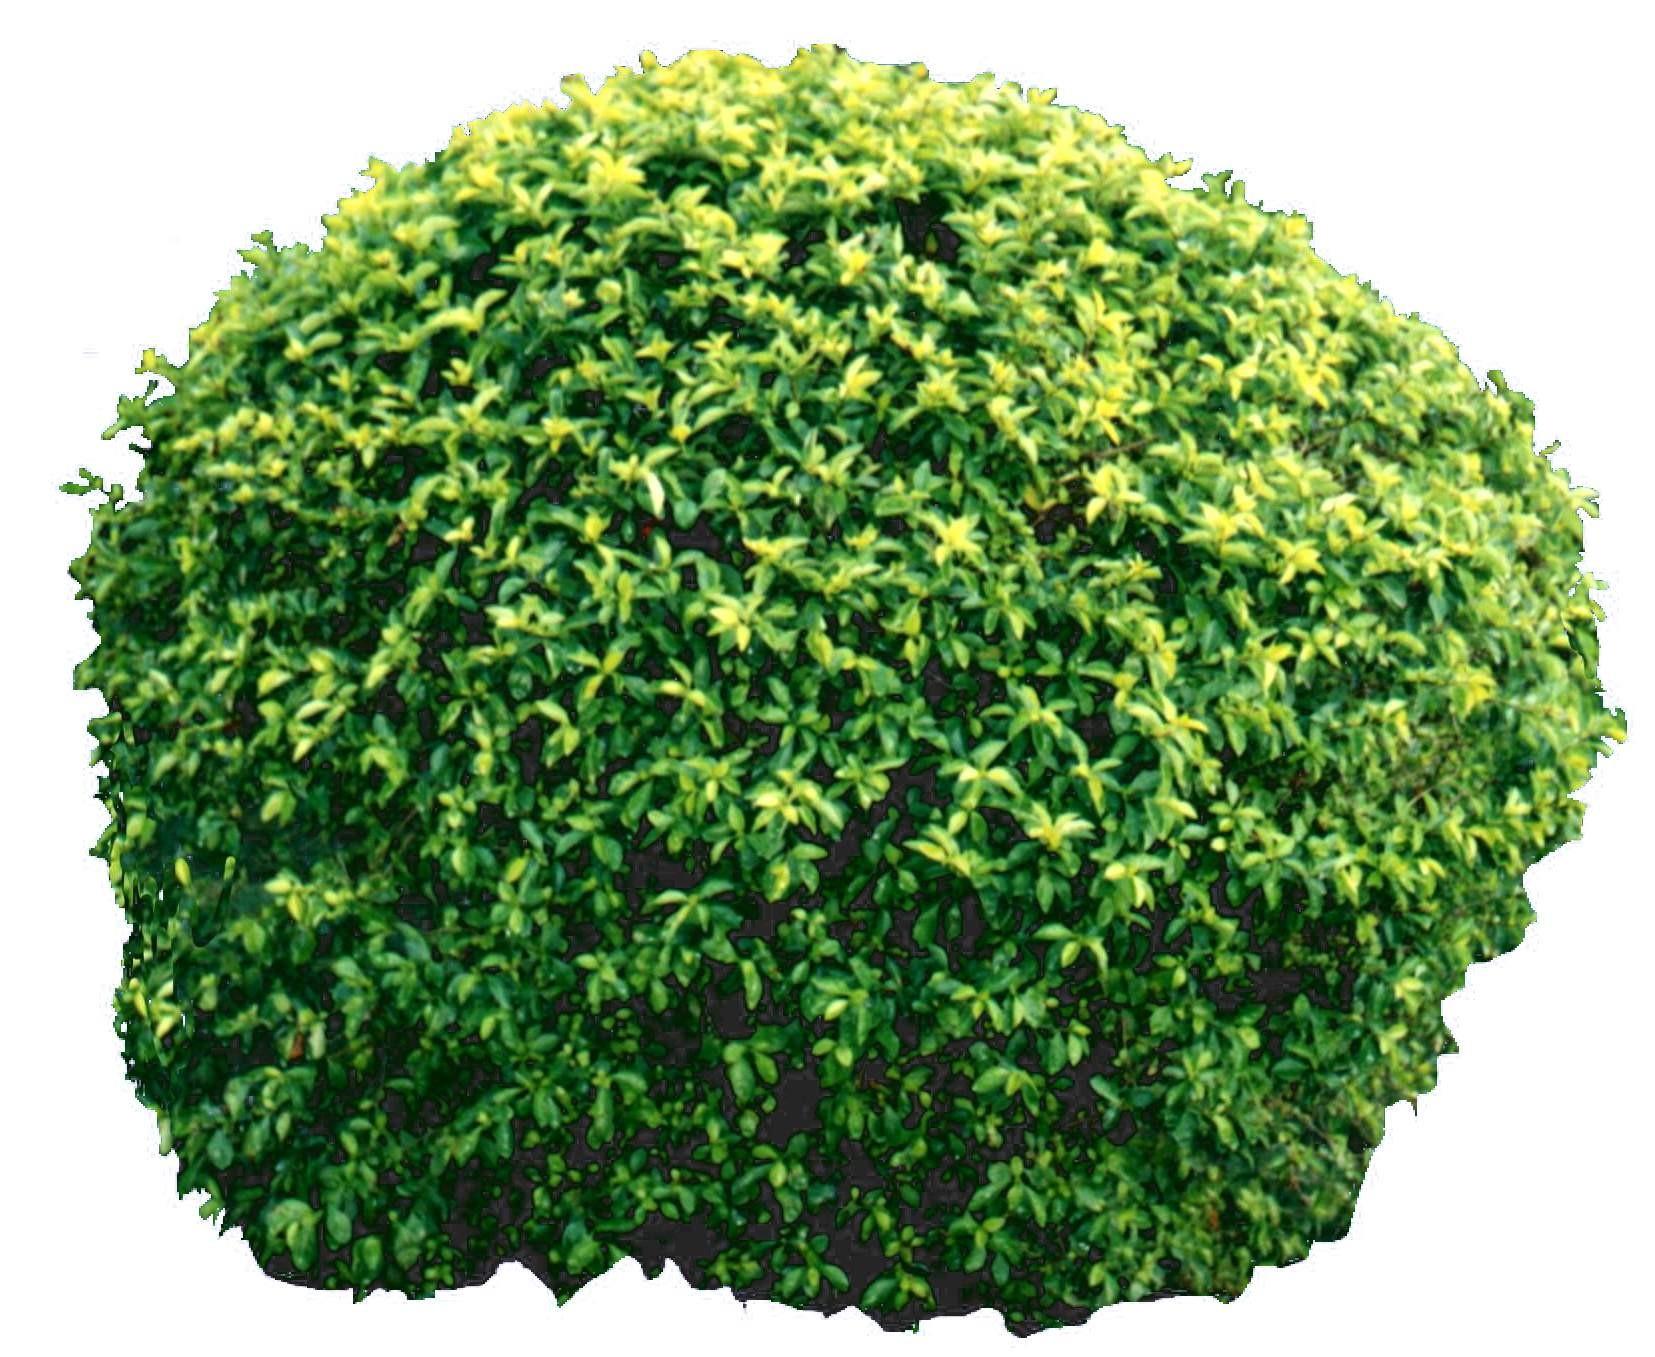 灌木贴图材质图片贰零零3dmax材质